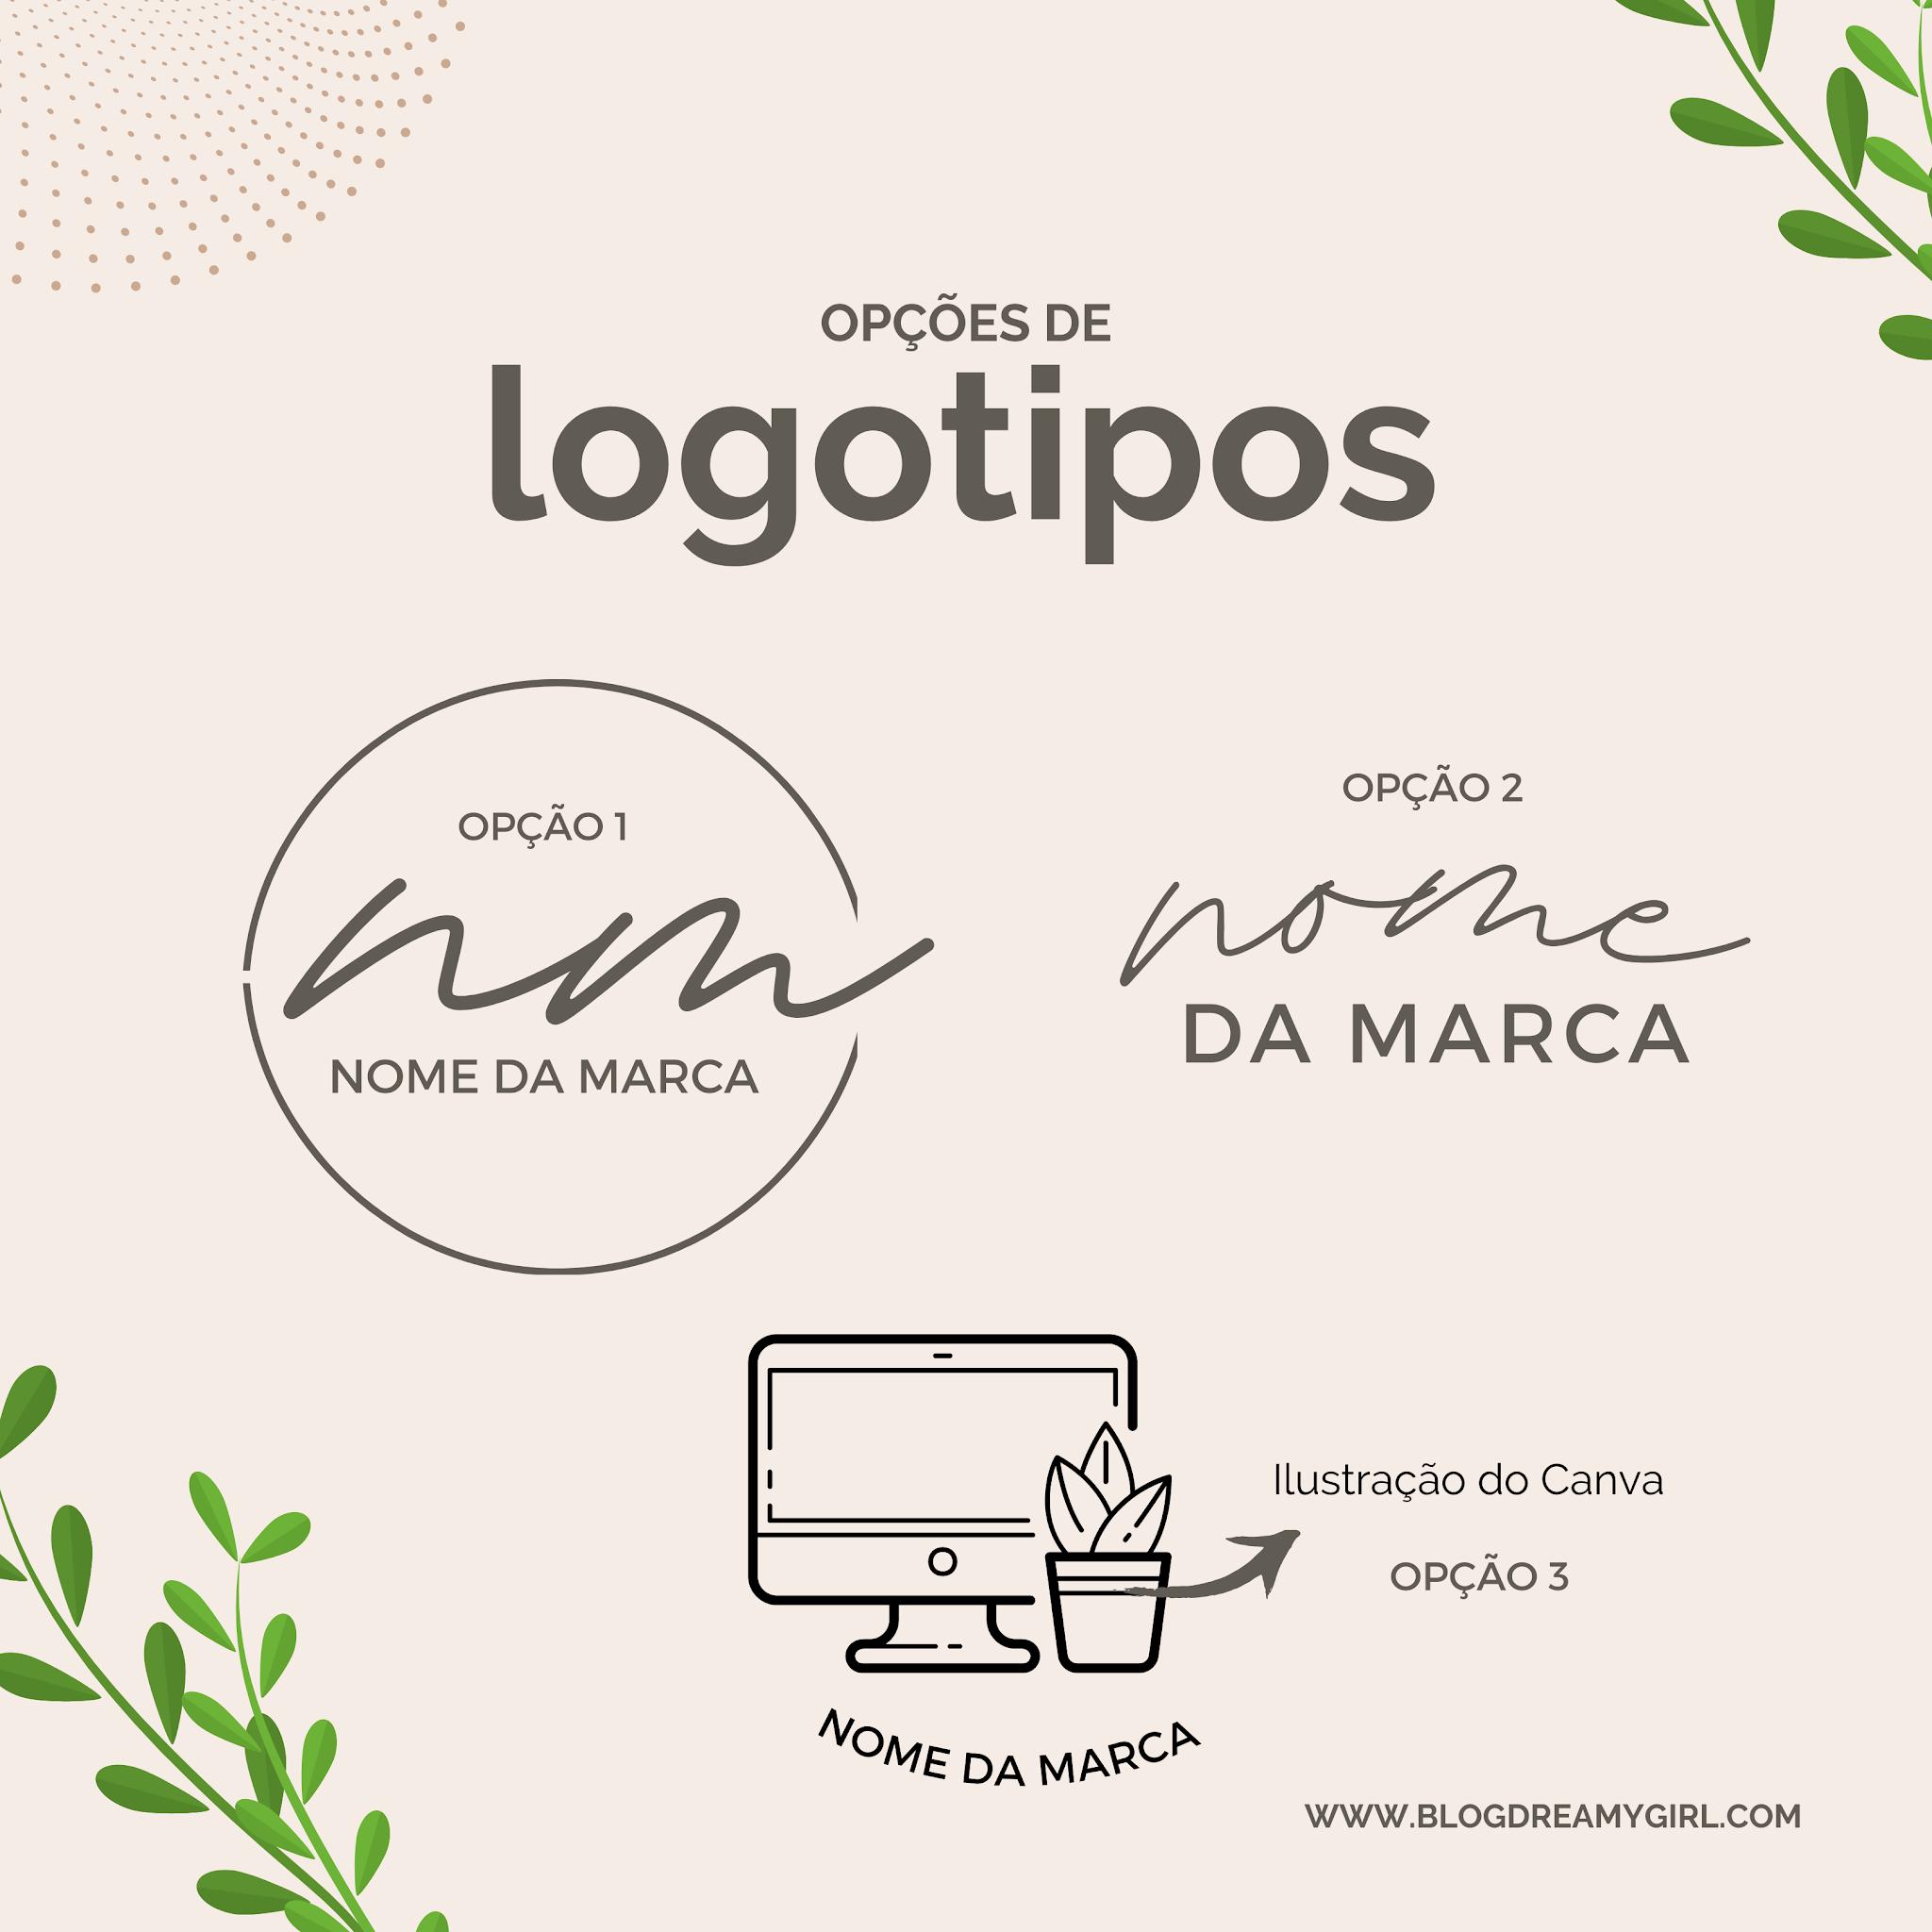 Opções de logotipos para a sua marca